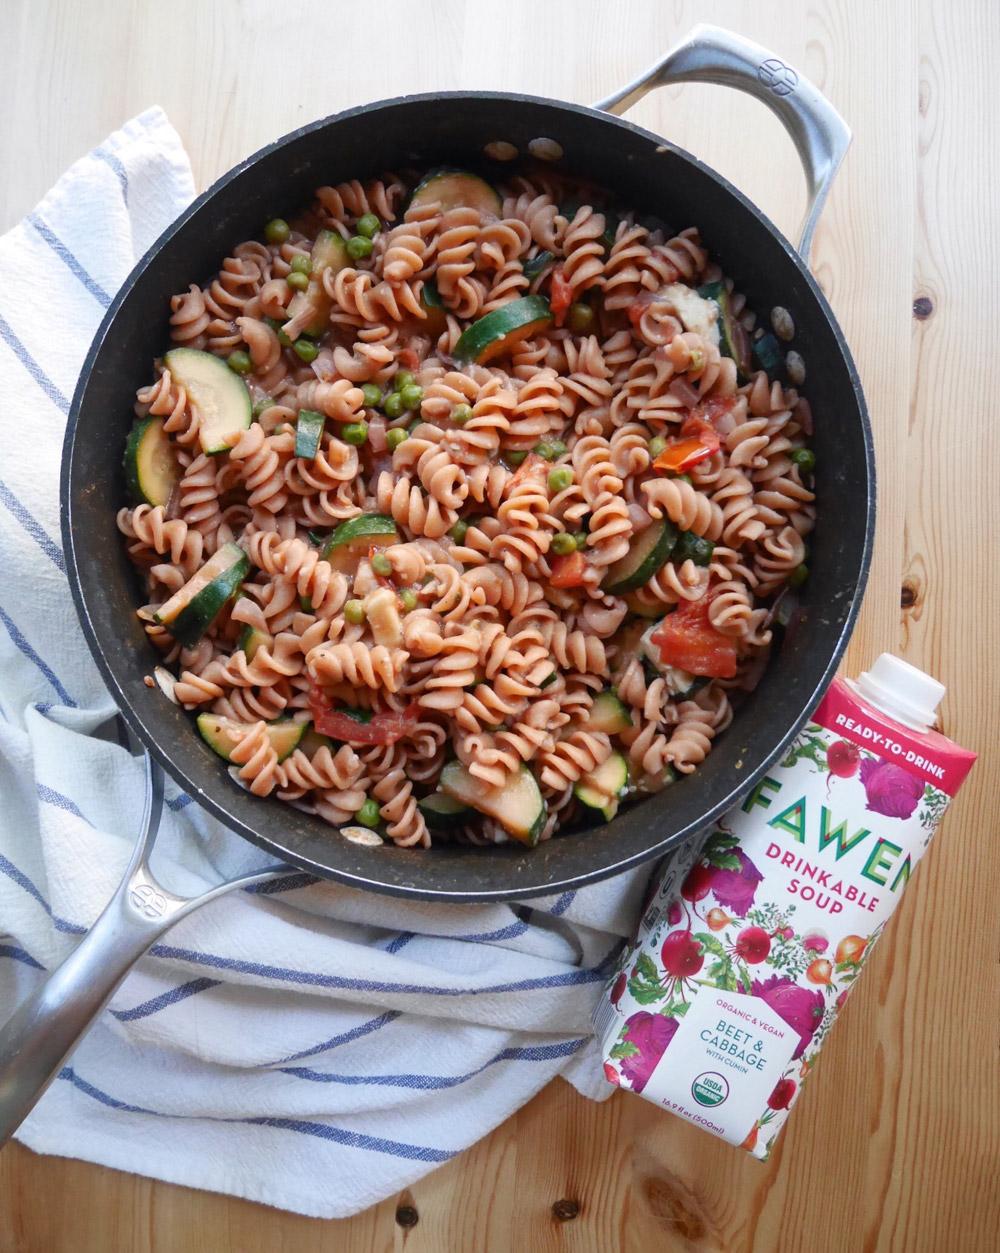 Fawen Organic Vegan Soup, Summer Veggie Pasta